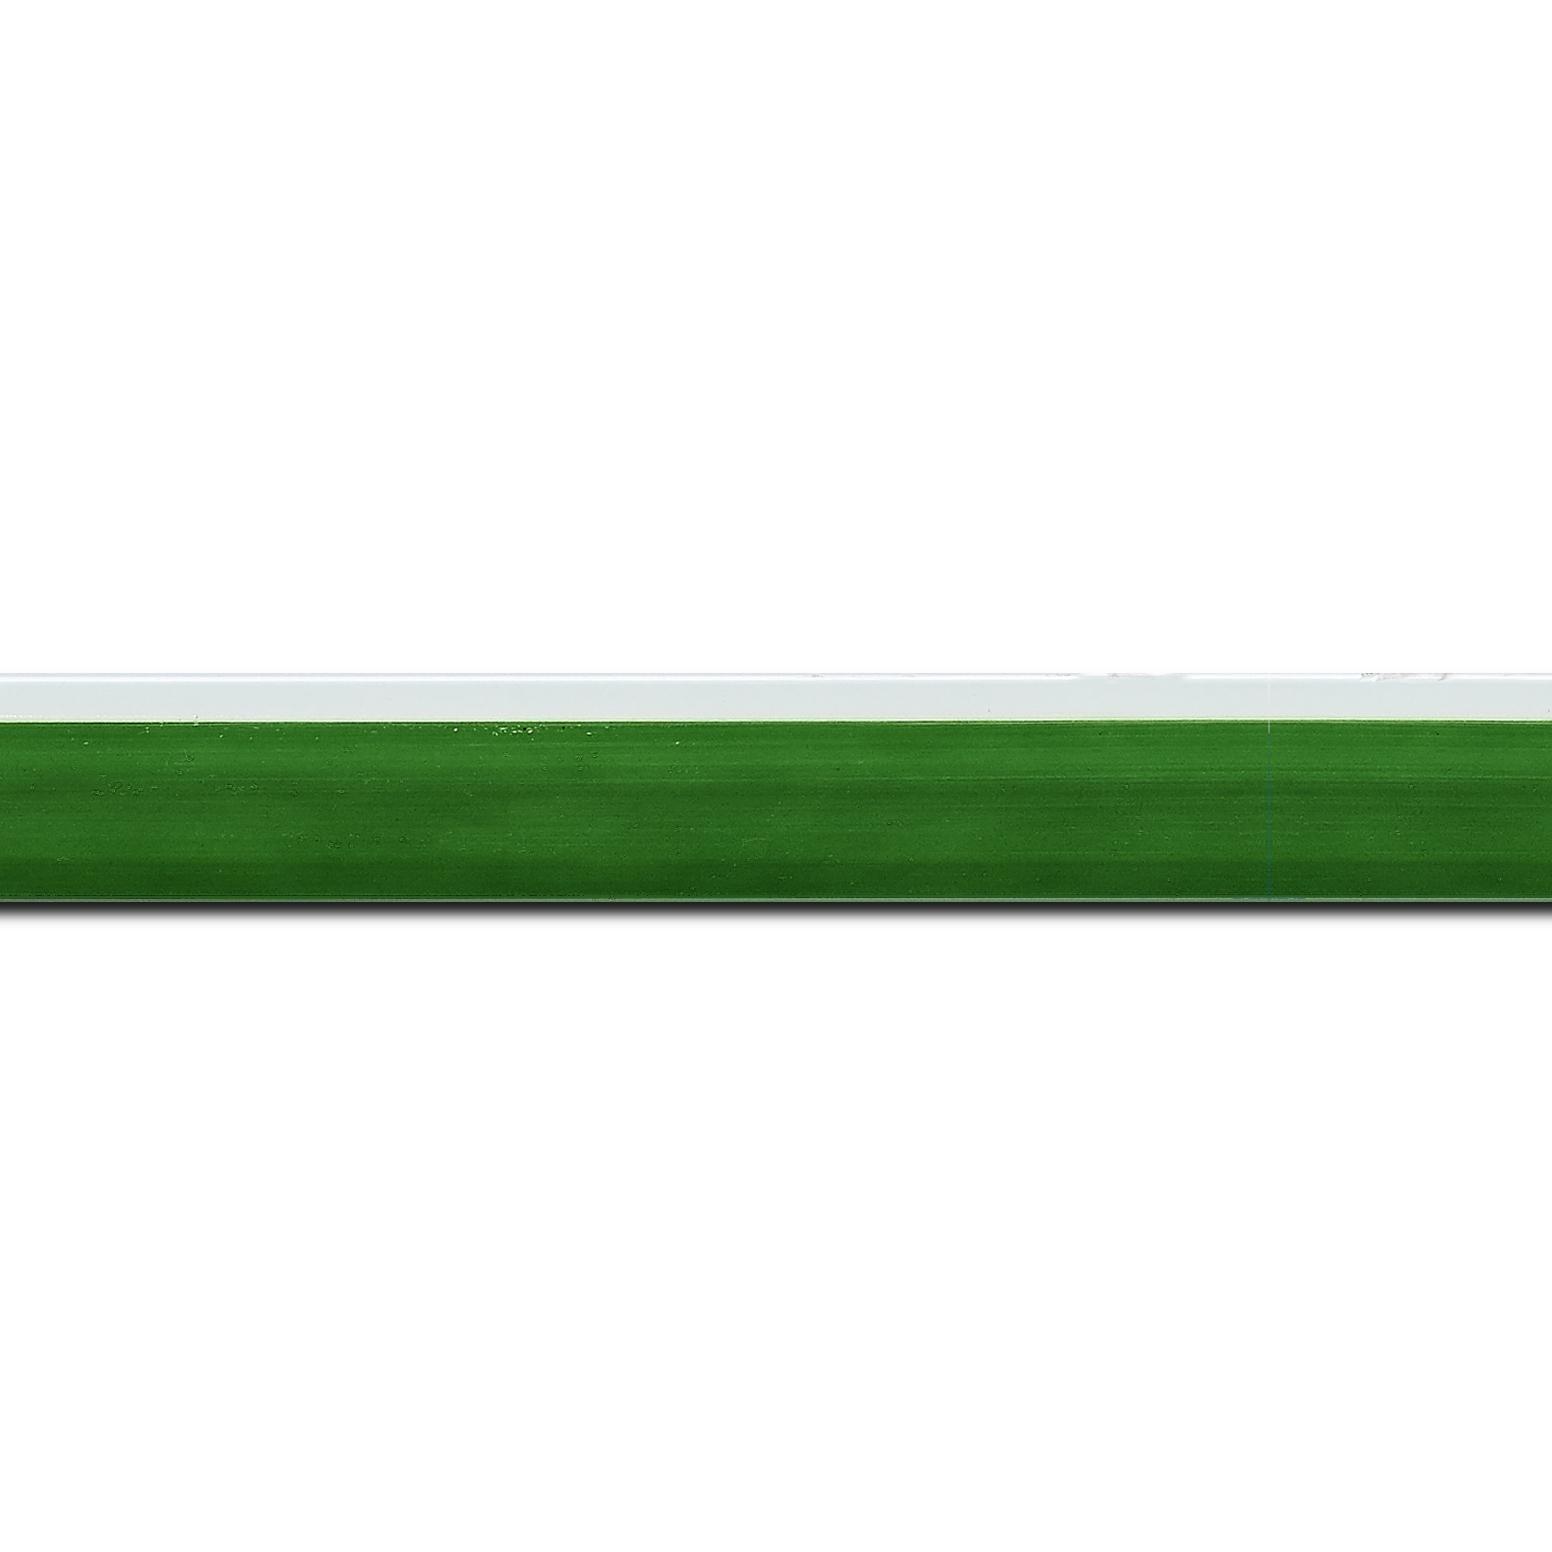 Pack par 12m, bois profil en pente plongeant largeur 2.2cm couleur vert laqué filet extérieur blanc laqué(longueur baguette pouvant varier entre 2.40m et 3m selon arrivage des bois)